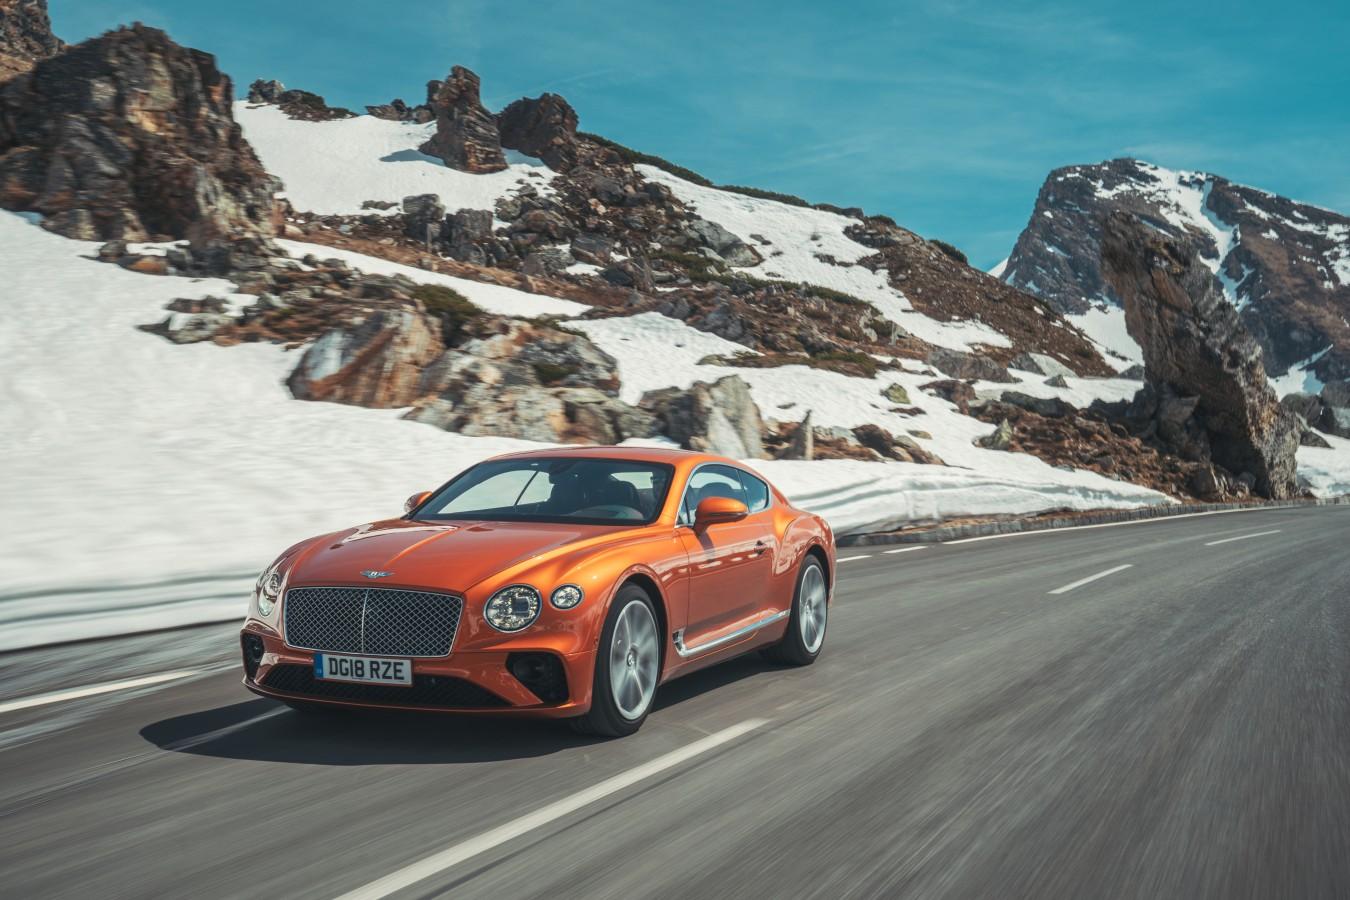 BENTLEY WINTER TOUR - изображение Bentley-Continental-GT-Orange-Flame-71 на Bentleymoscow.ru!